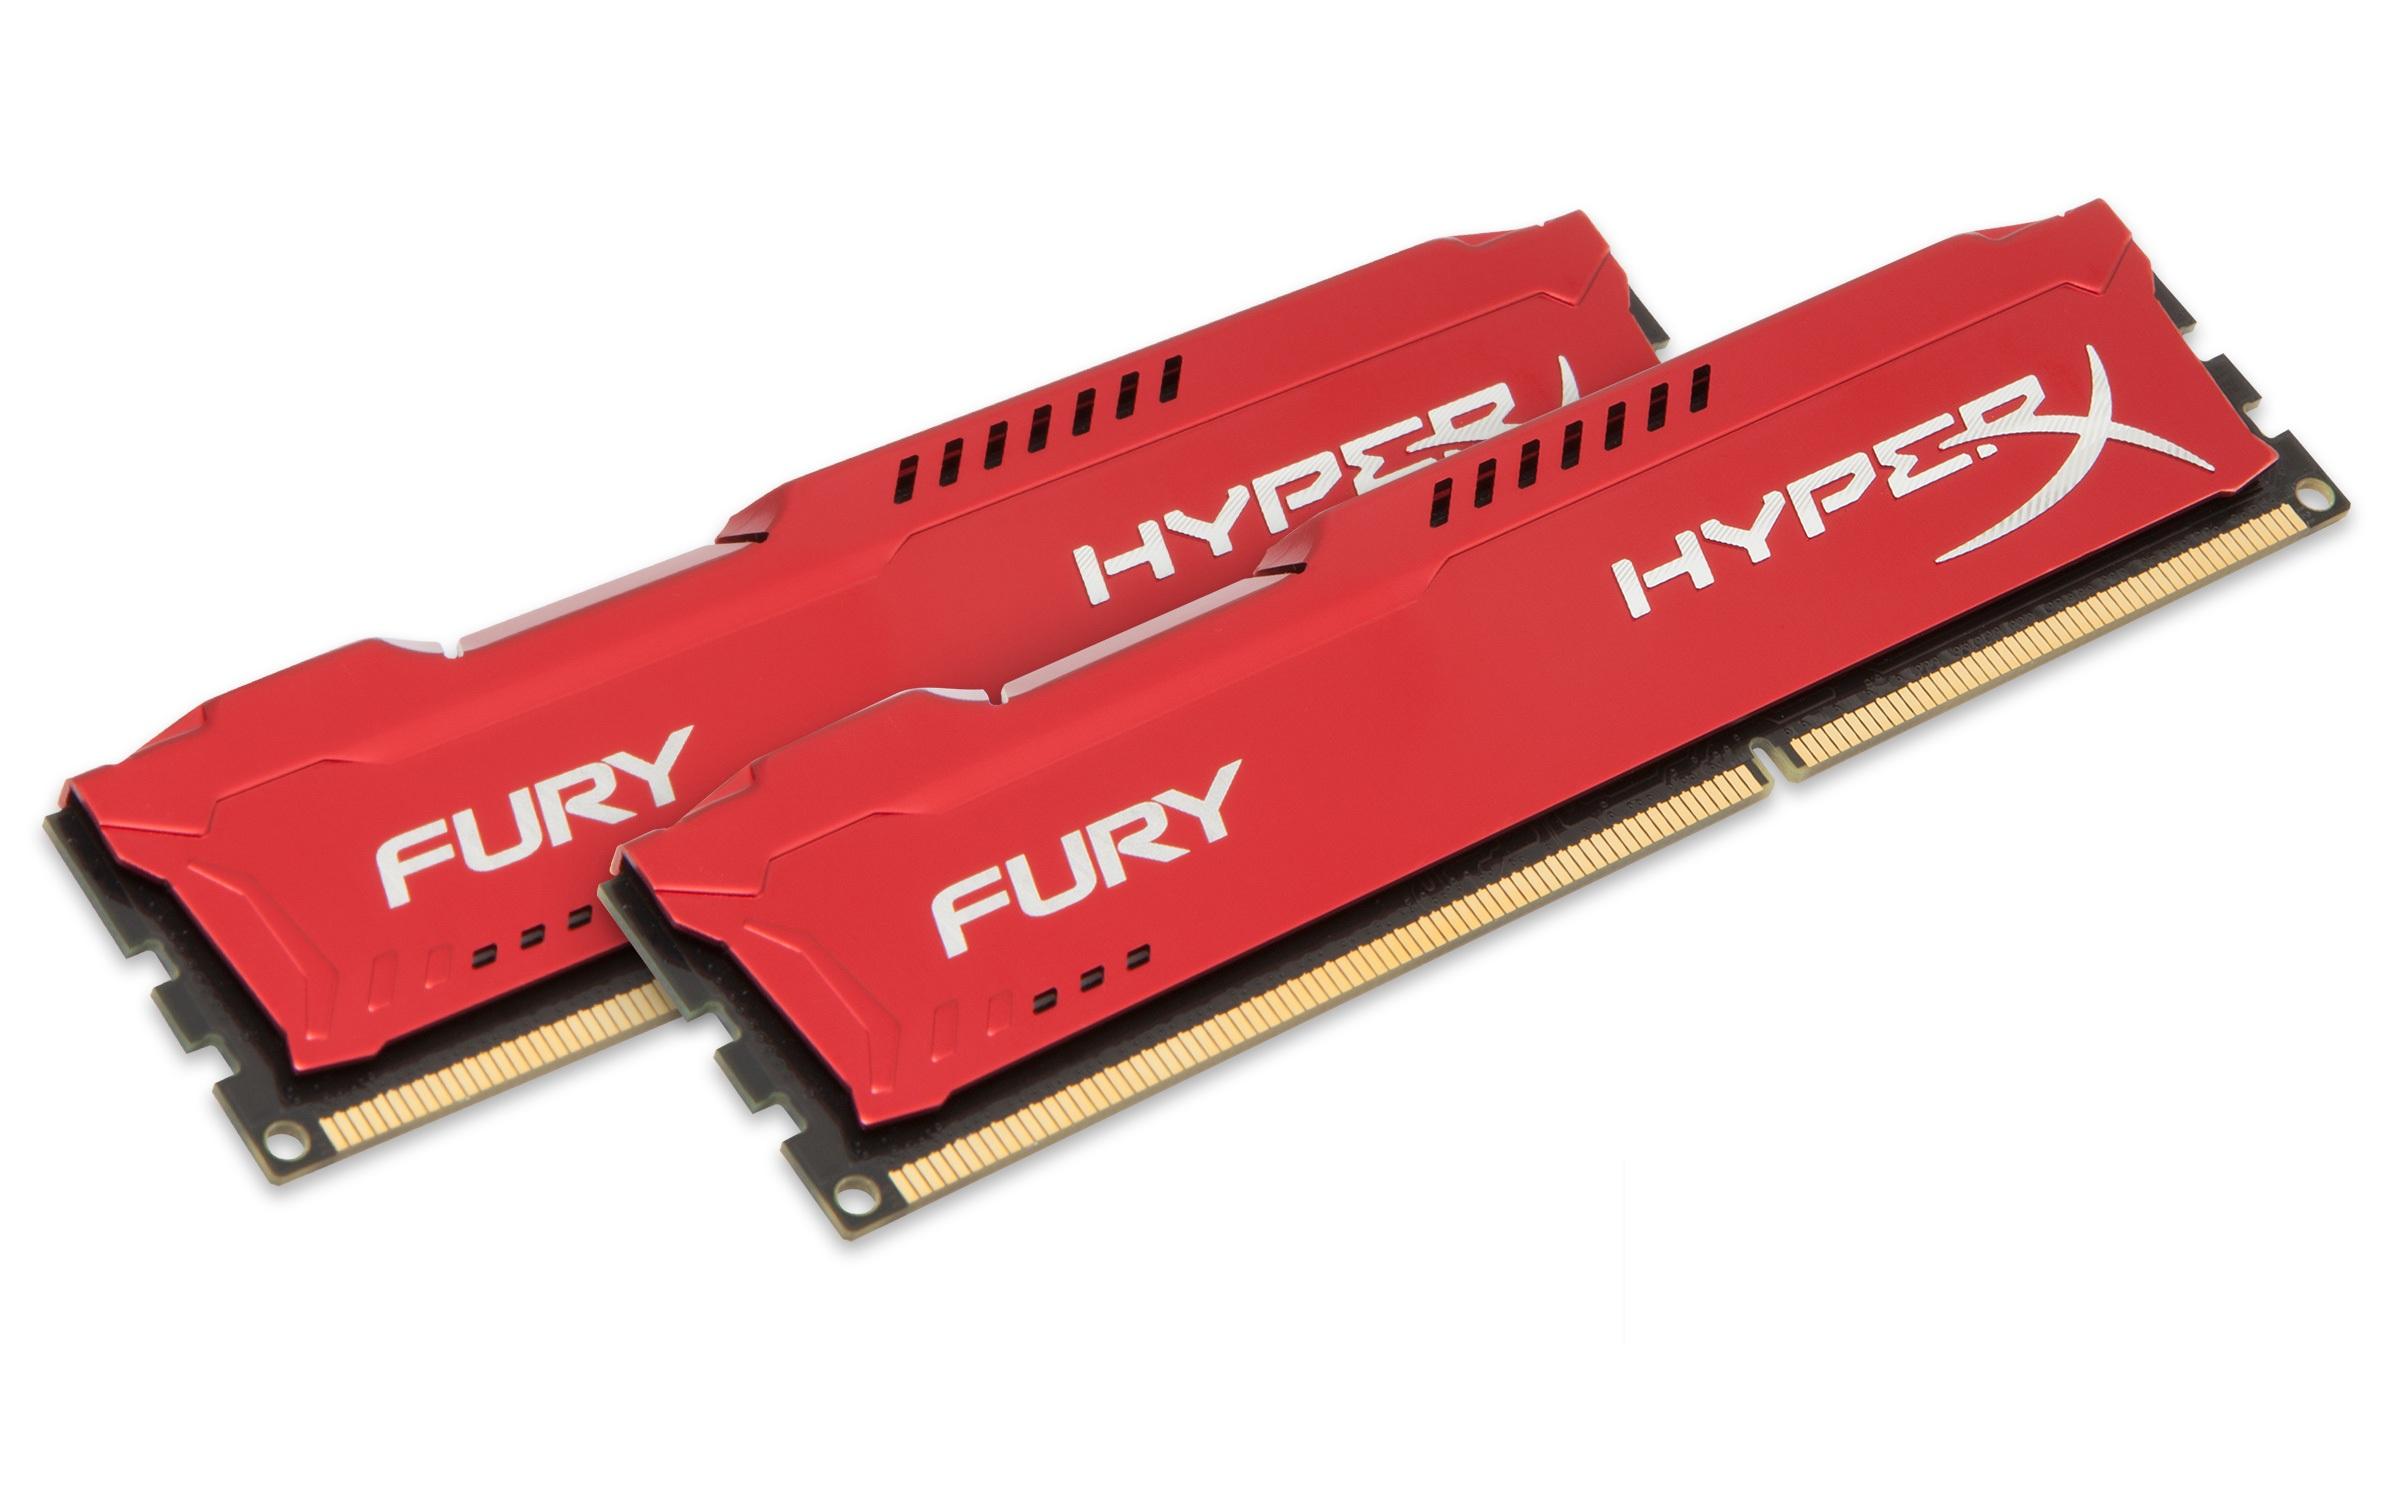 HyperX FURY Red 16GB 1600MHz DDR3 16GB DDR3 1600MHz memory module